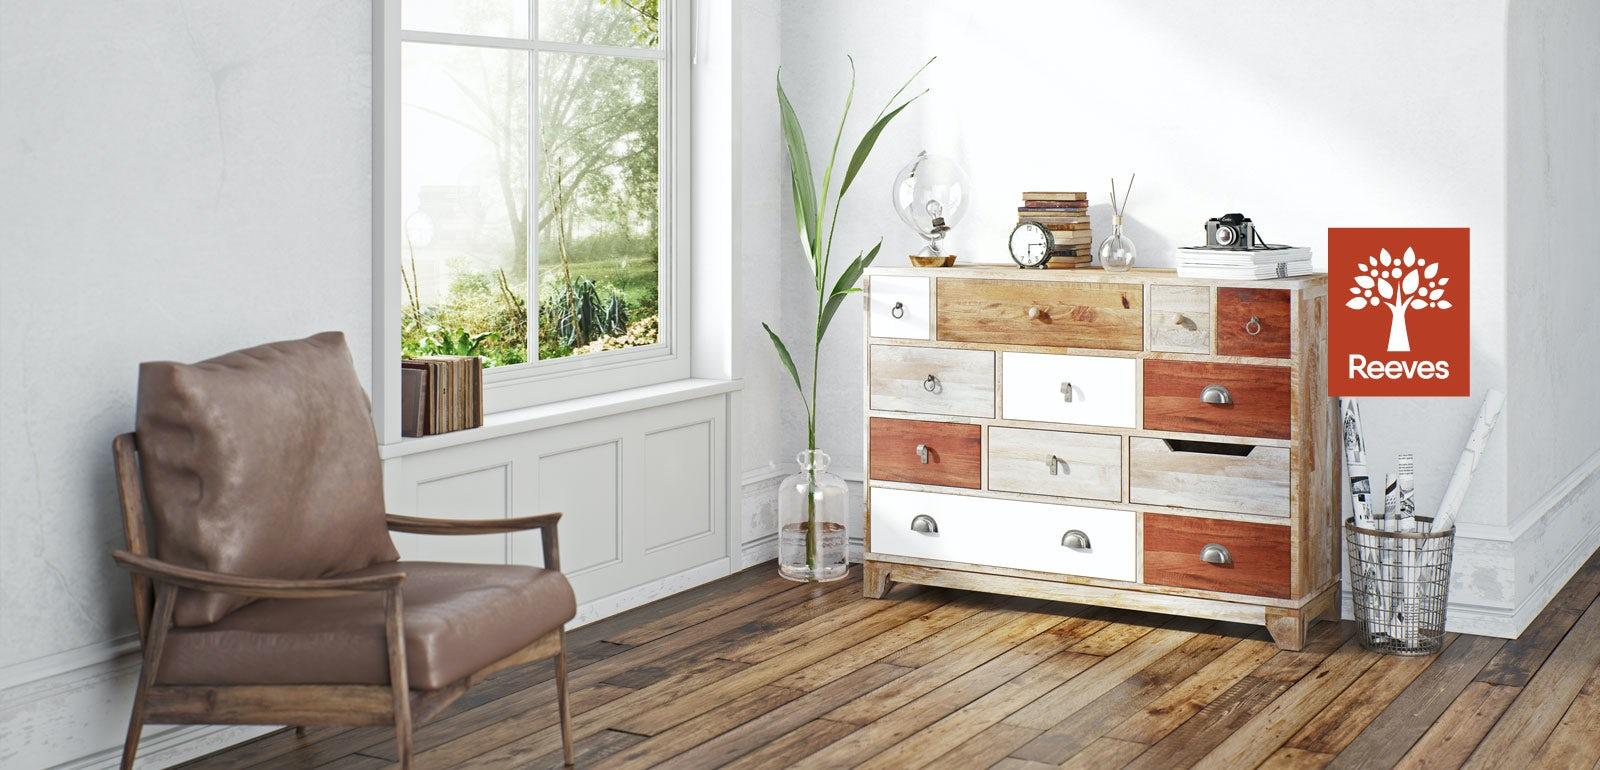 Weston furniture range